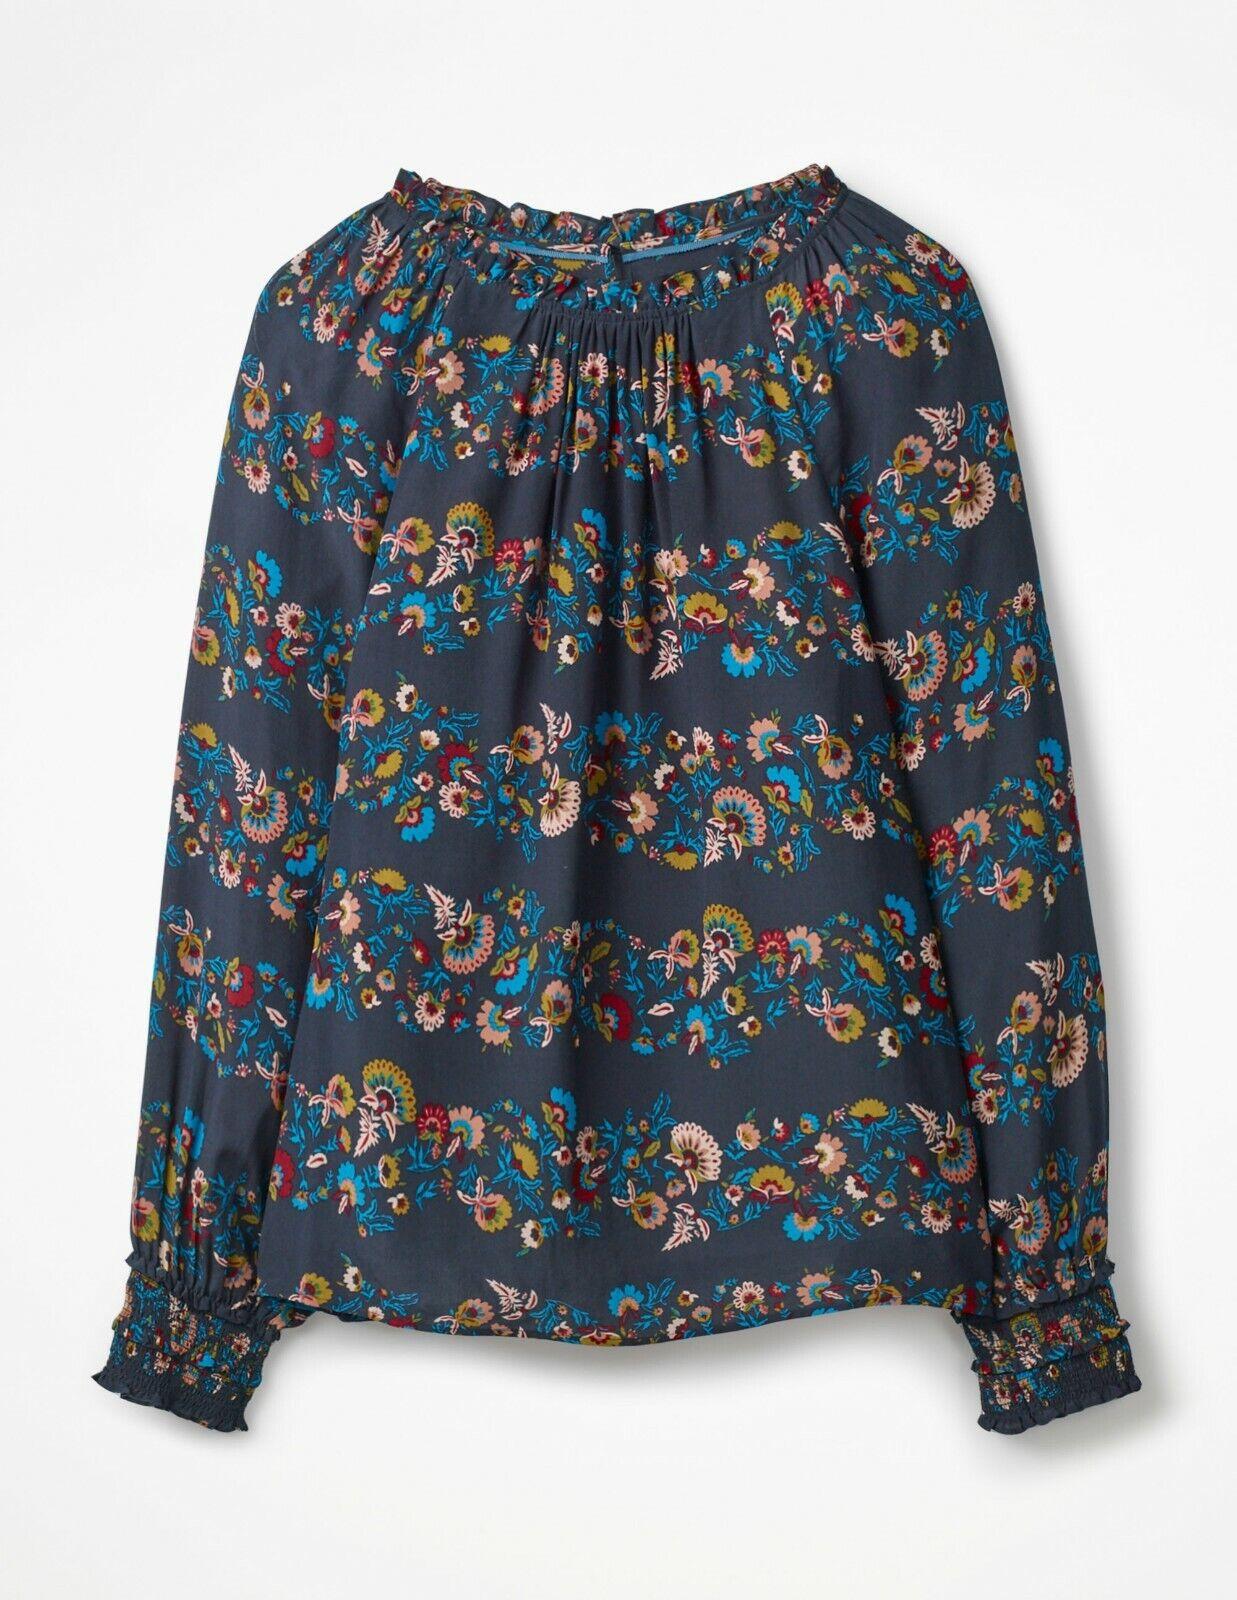 Boden stylish Sadie Silk Top - Navy Flourish Stripe damen Größe 12US